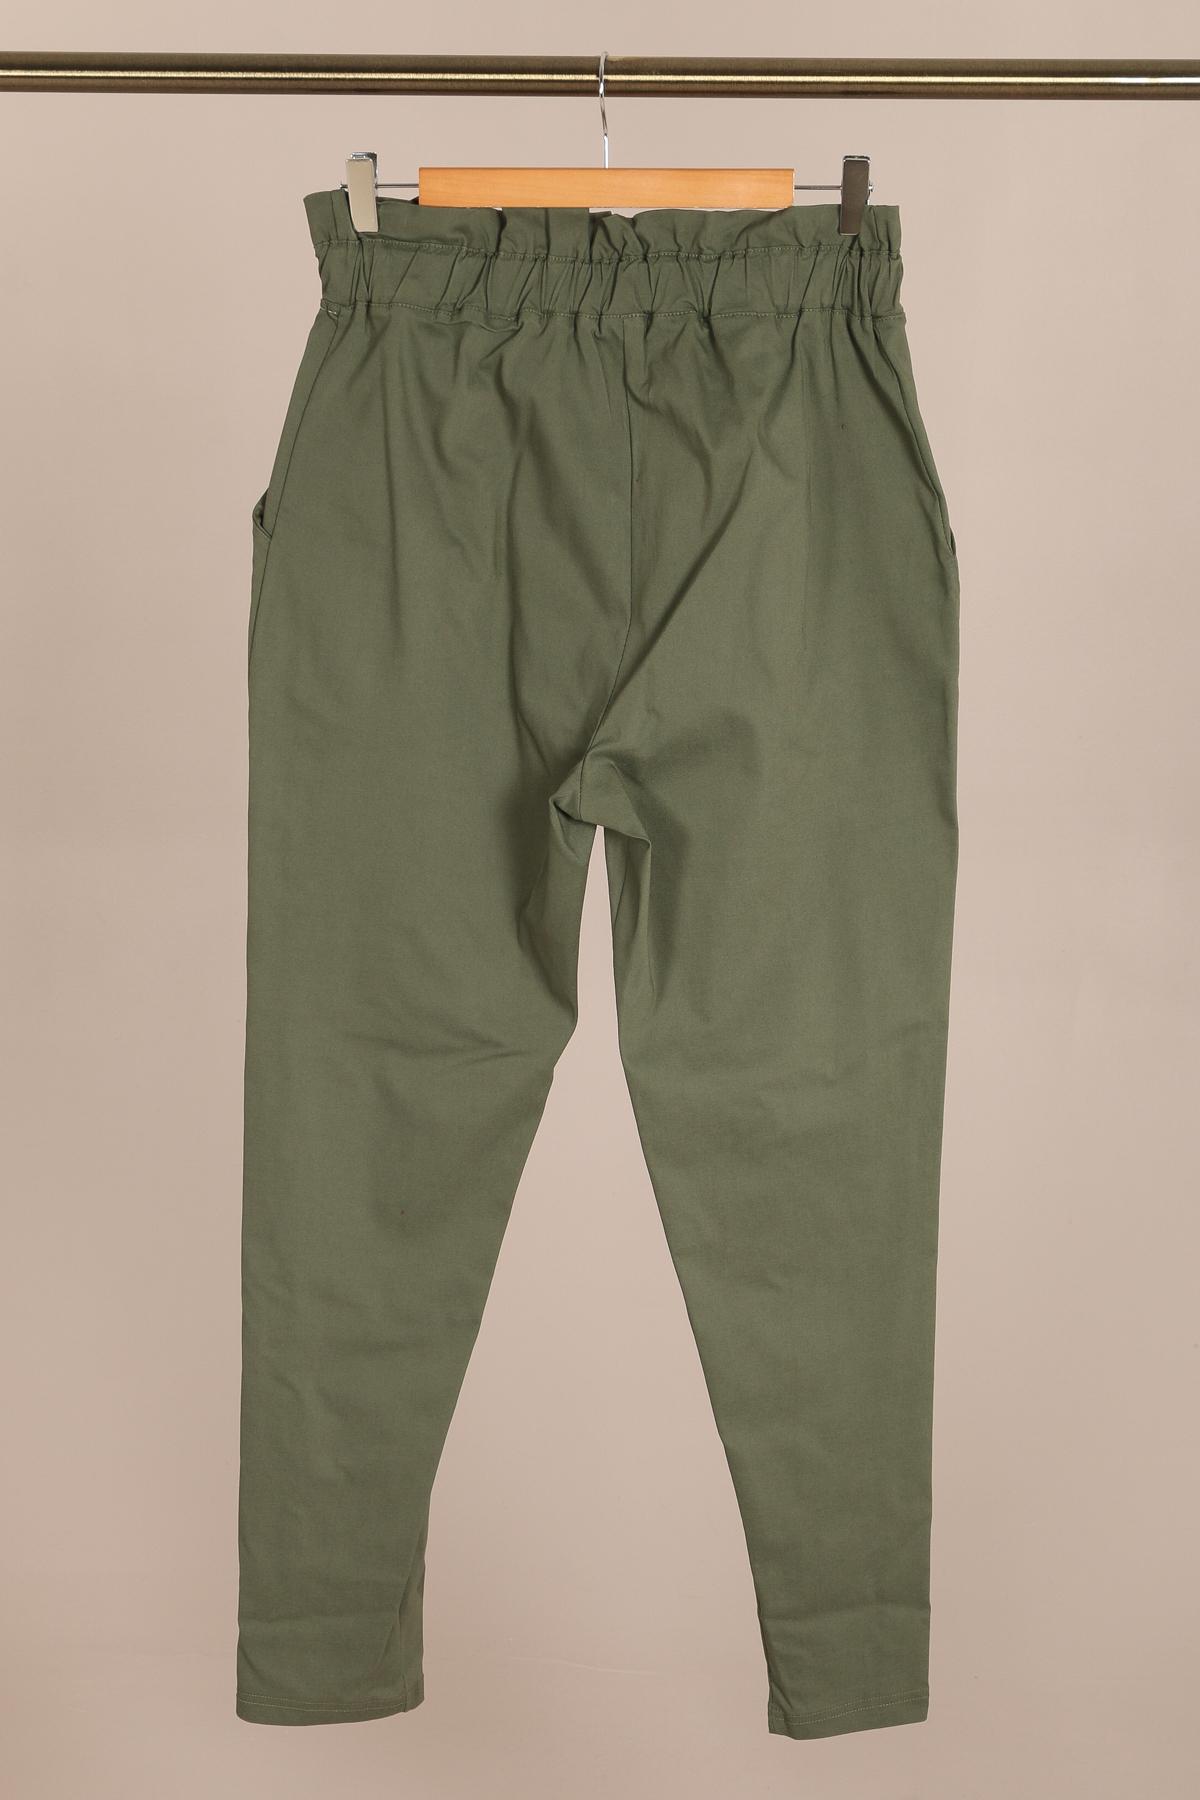 pantalon habillé femme grande taille marque 2w paris kaki p2123